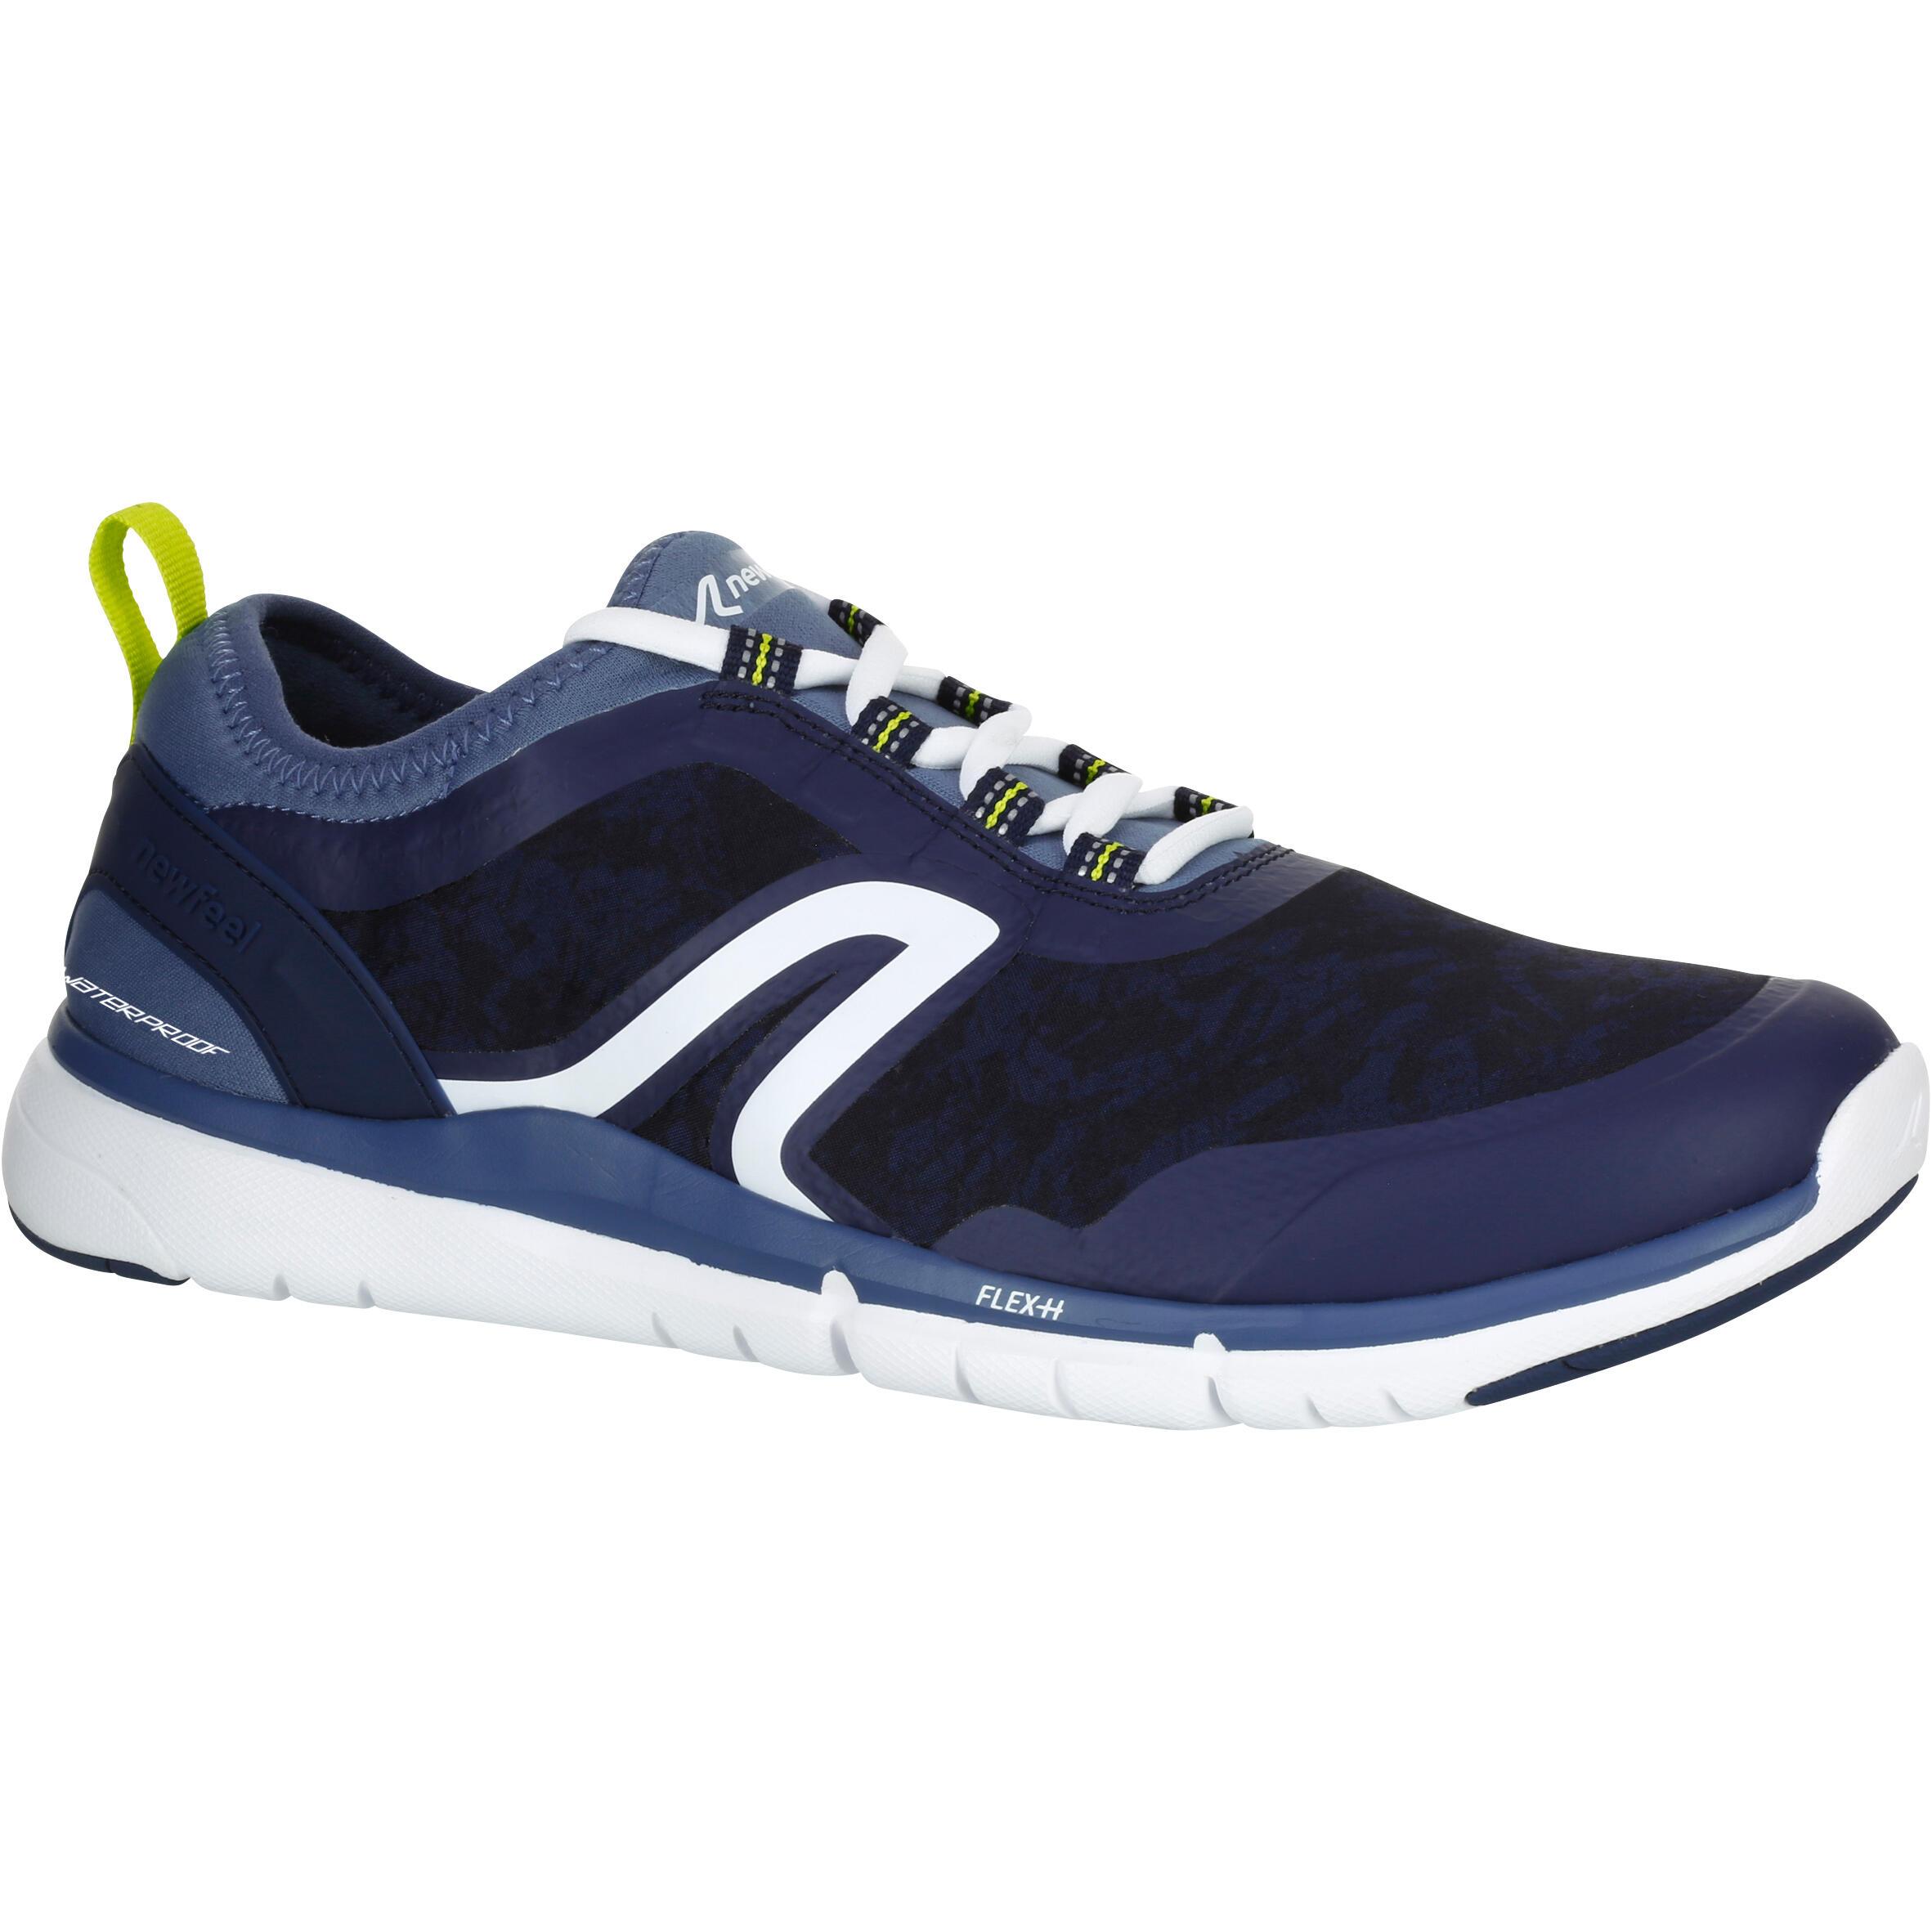 Newfeel Herensneakers voor sportief wandelen PW 580 RespiDry waterdicht